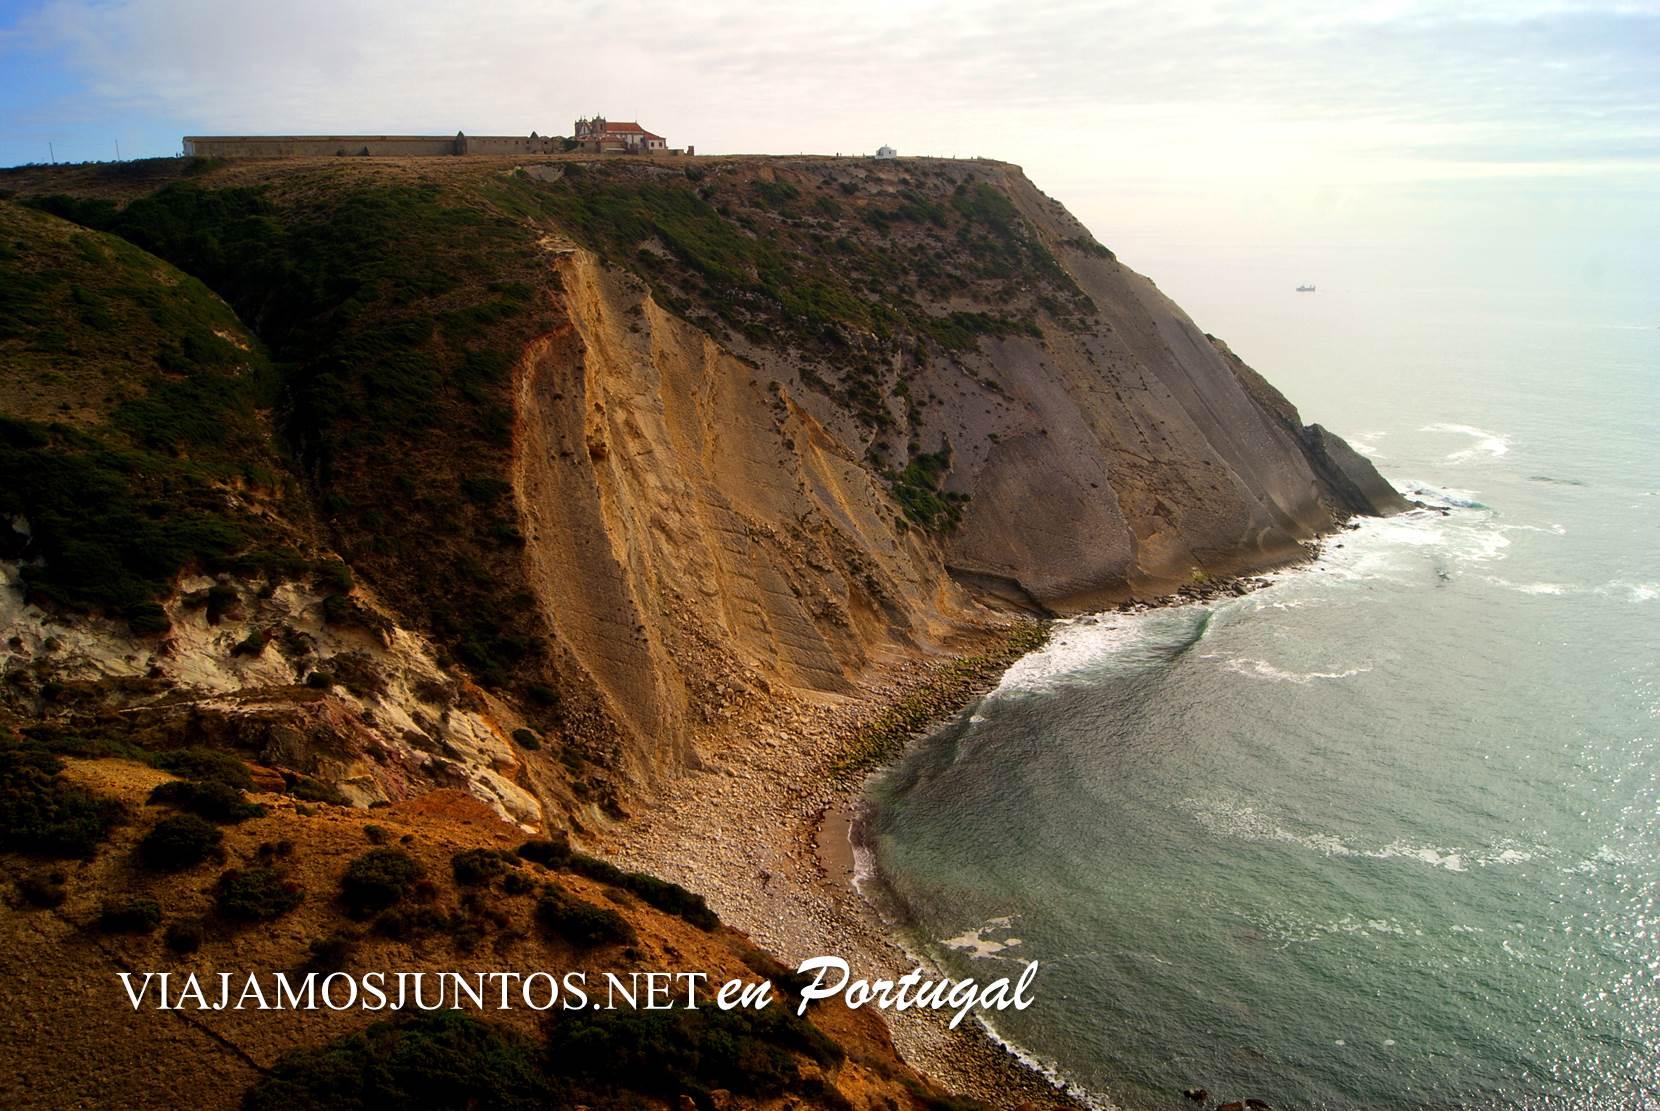 Los acantilados del Cabo Espichel con las huellas de los dinosaurios, Portugal